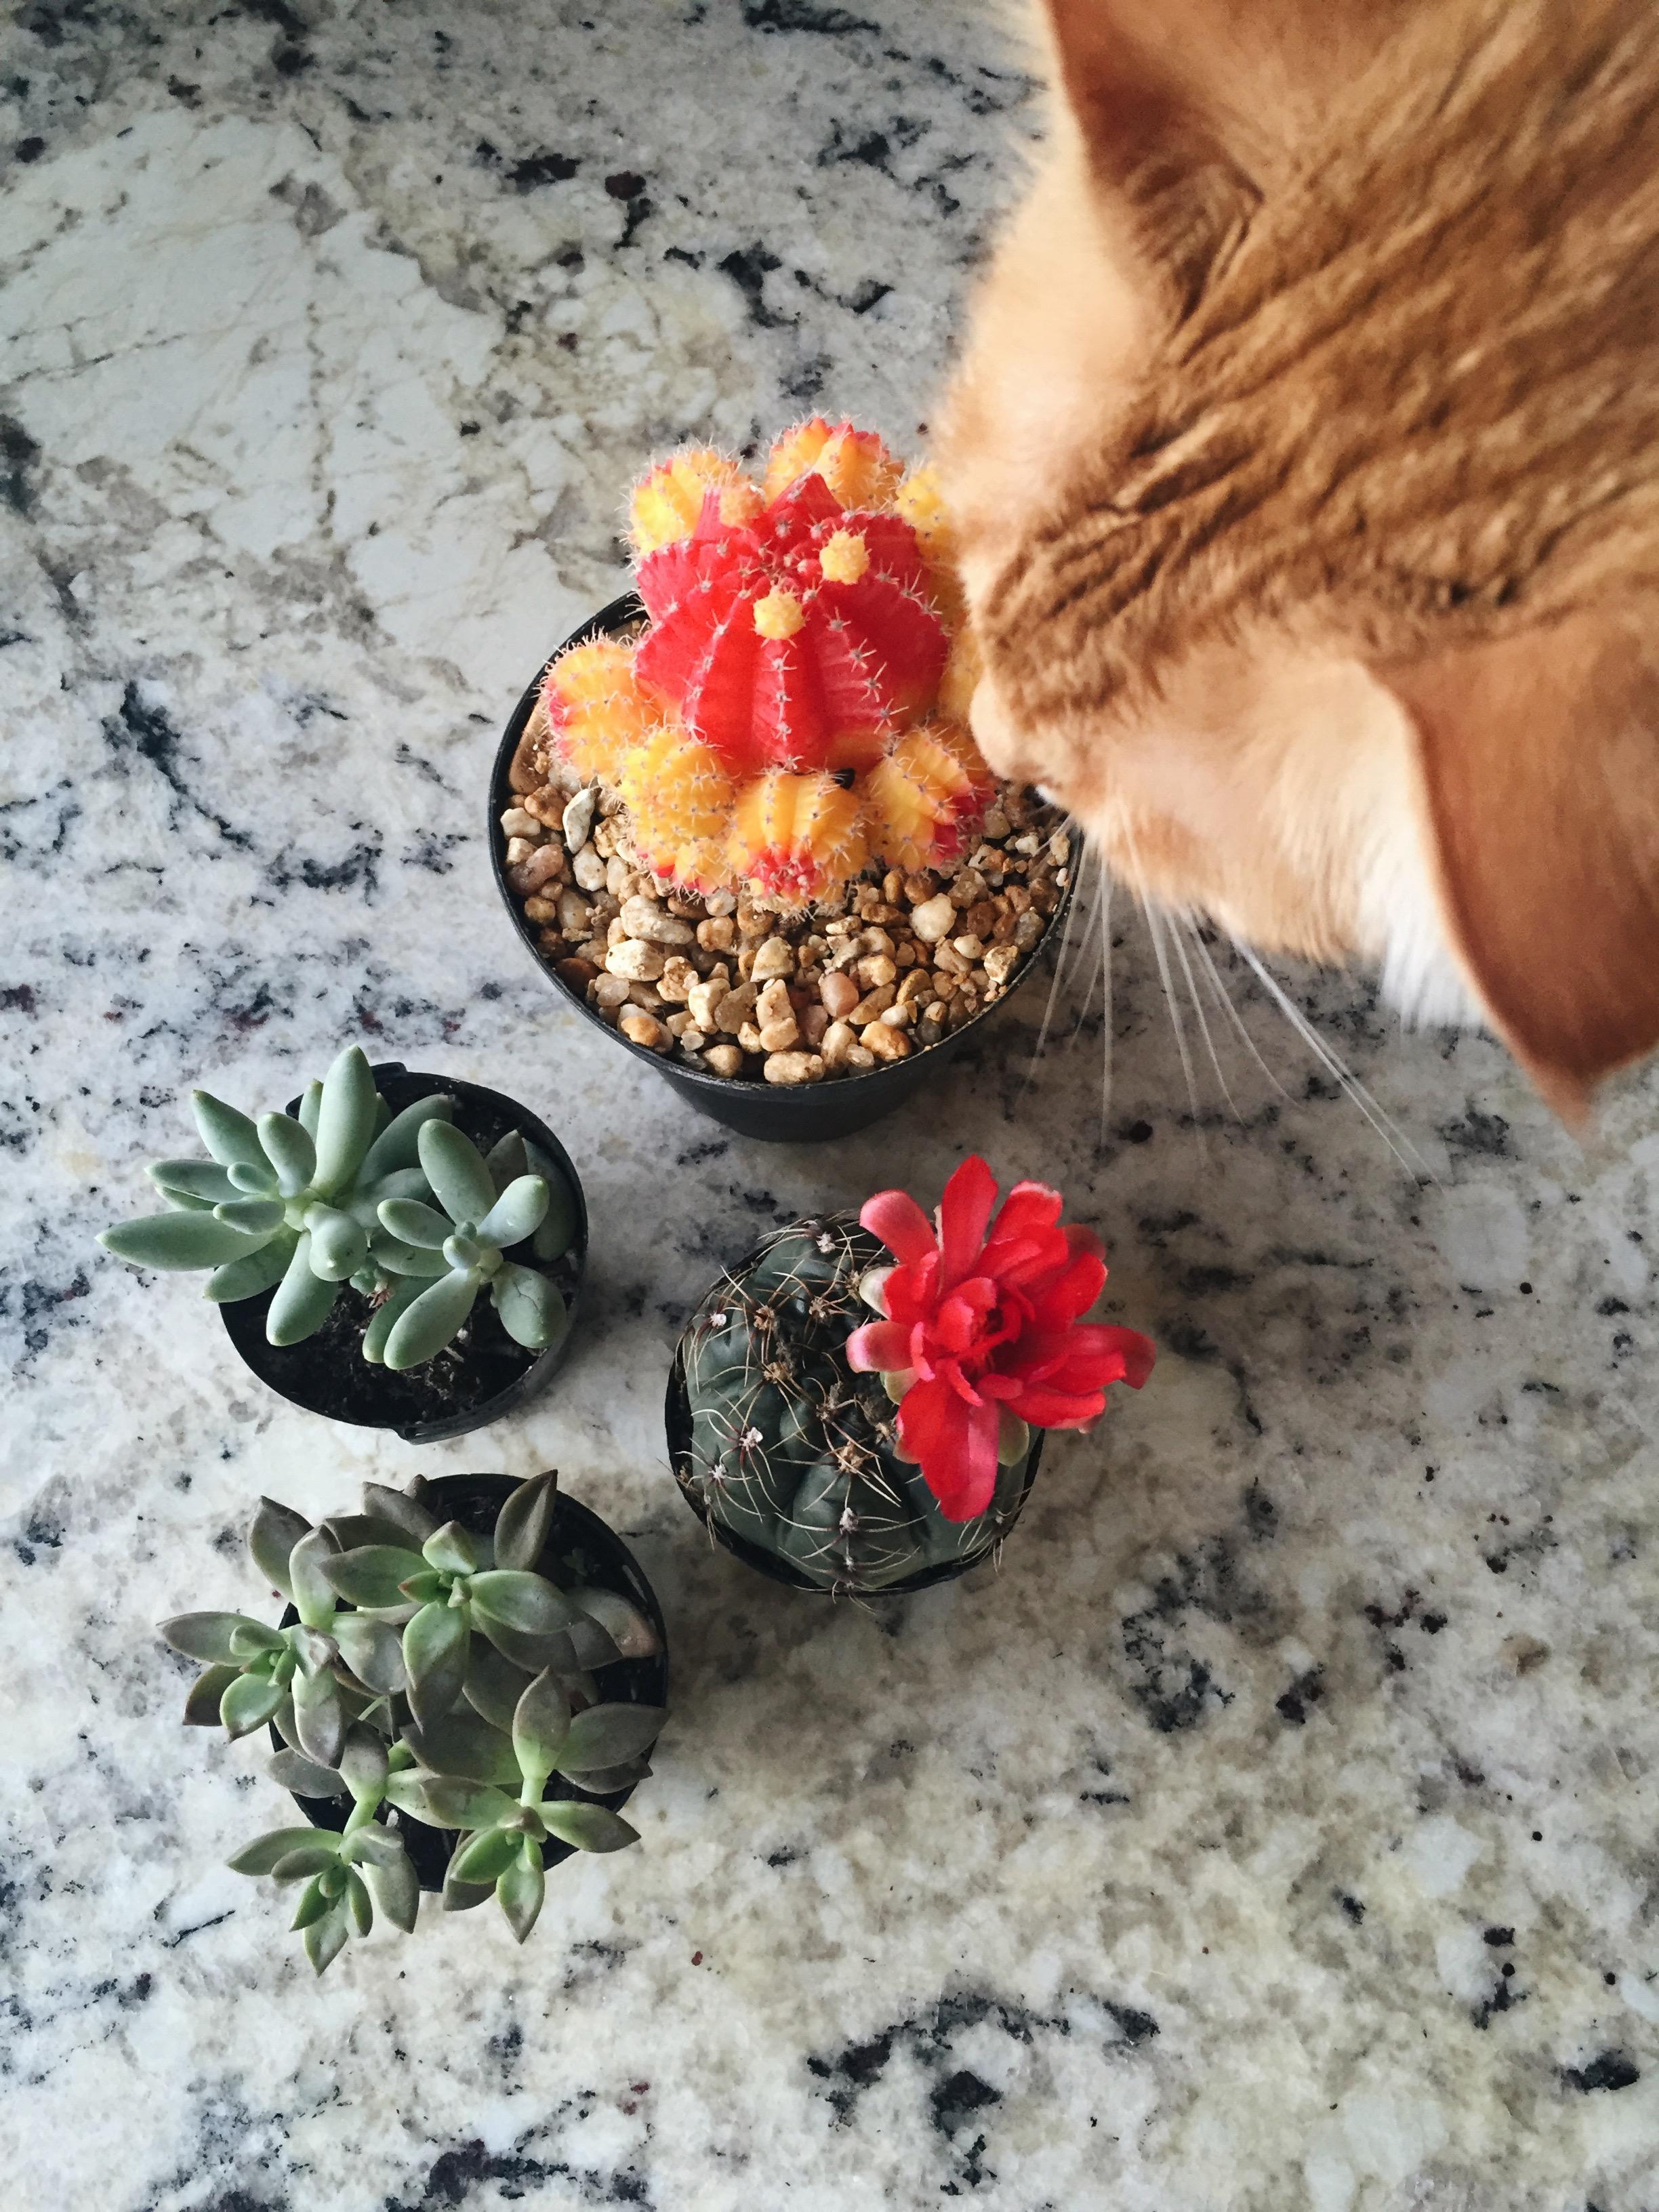 cute succulent terrarium di, quick diy succulent terrarium, quick cactus terrarium, how to make cactus terrarium, cute cactus terrarium ideas, cute succulent terrarium ideas, terrarium ideas, succulent terrarium layouts